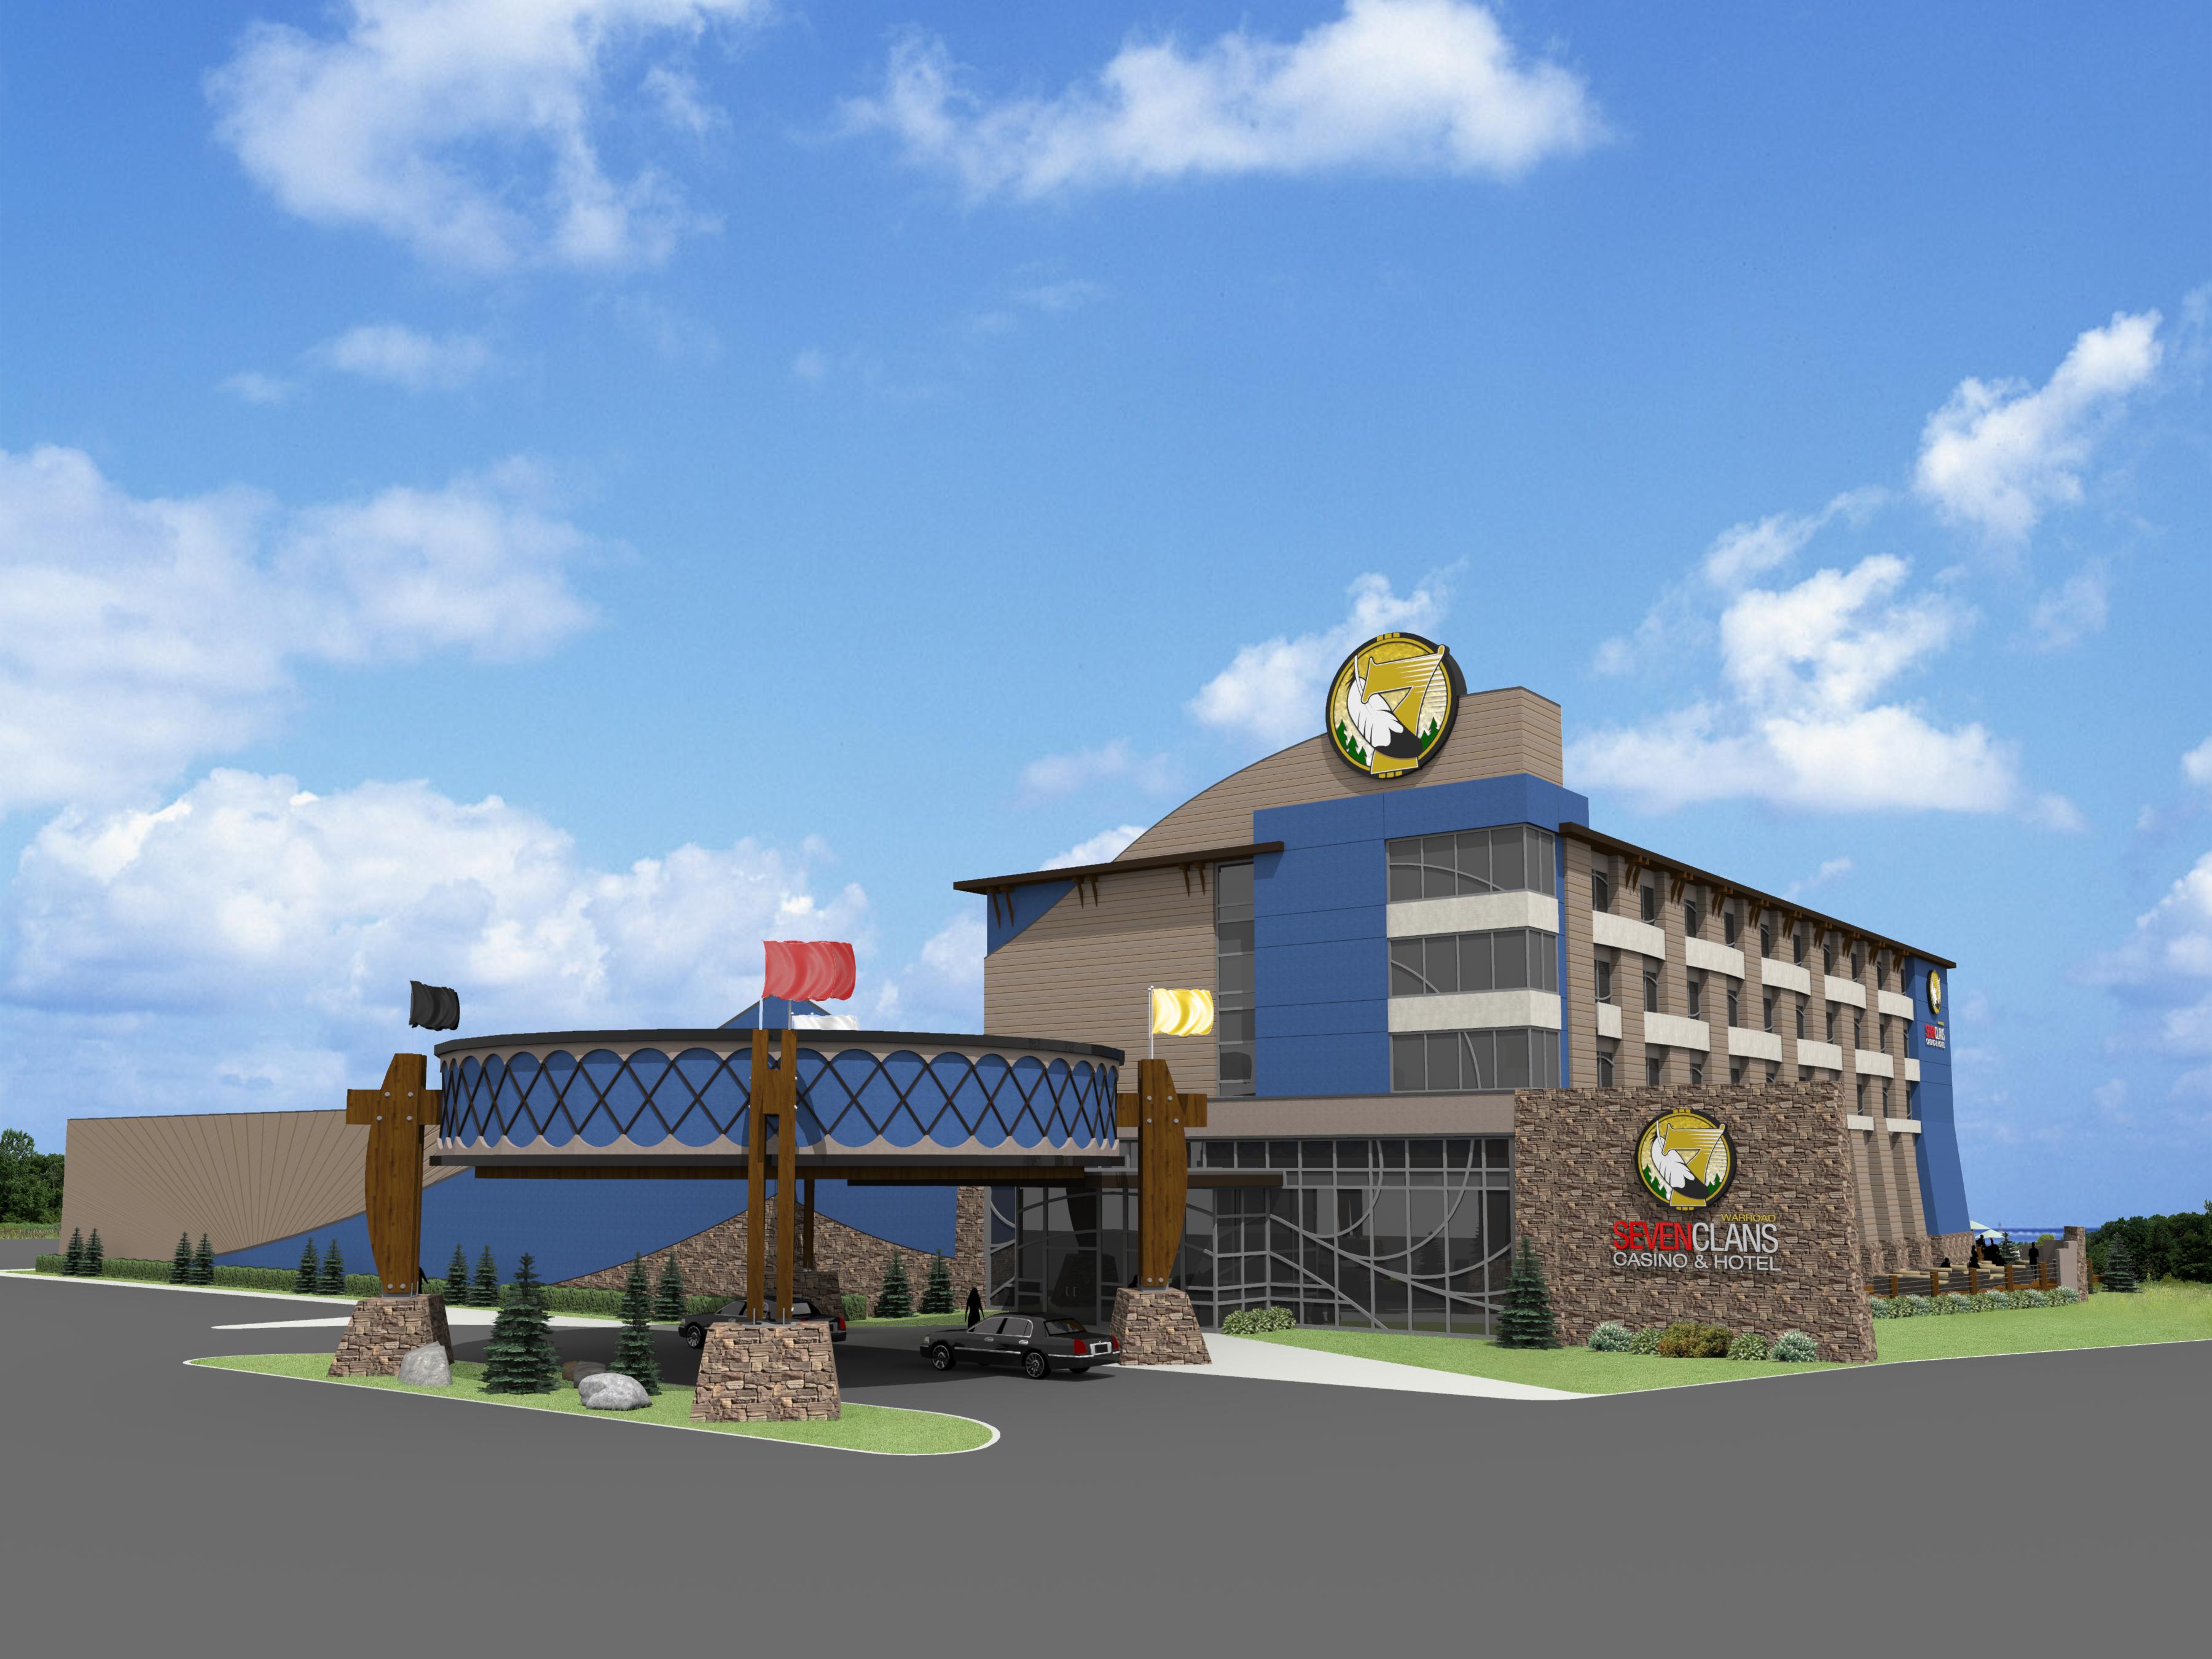 warroad casino